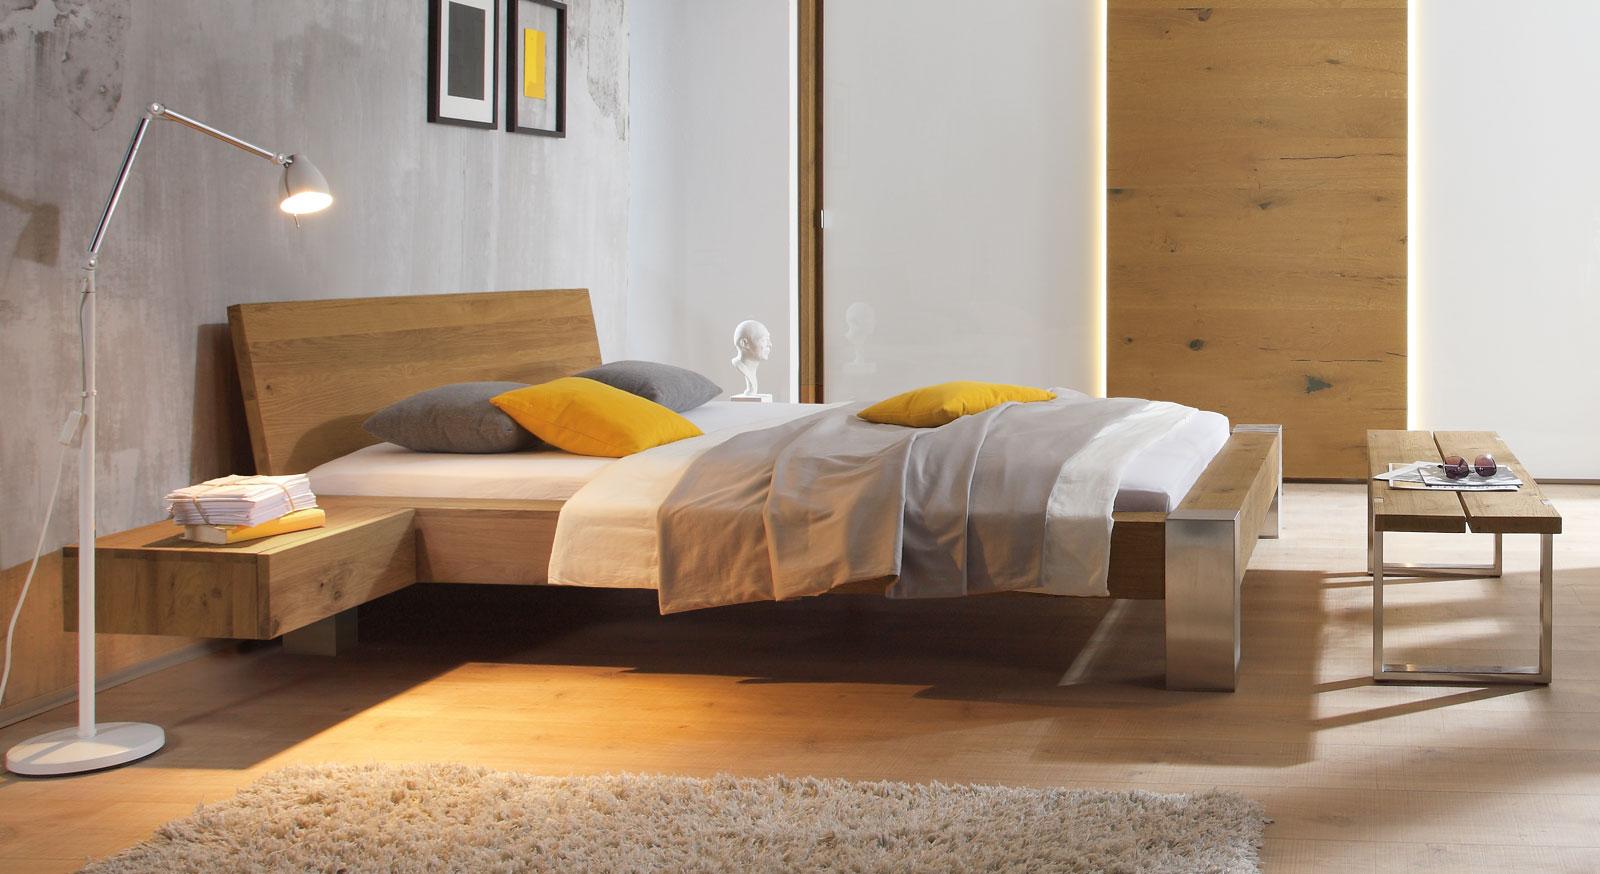 Bett Liro in 20cm Fußhöhe kombiniert gebürsteten Edelstahl mit Wildeiche natur